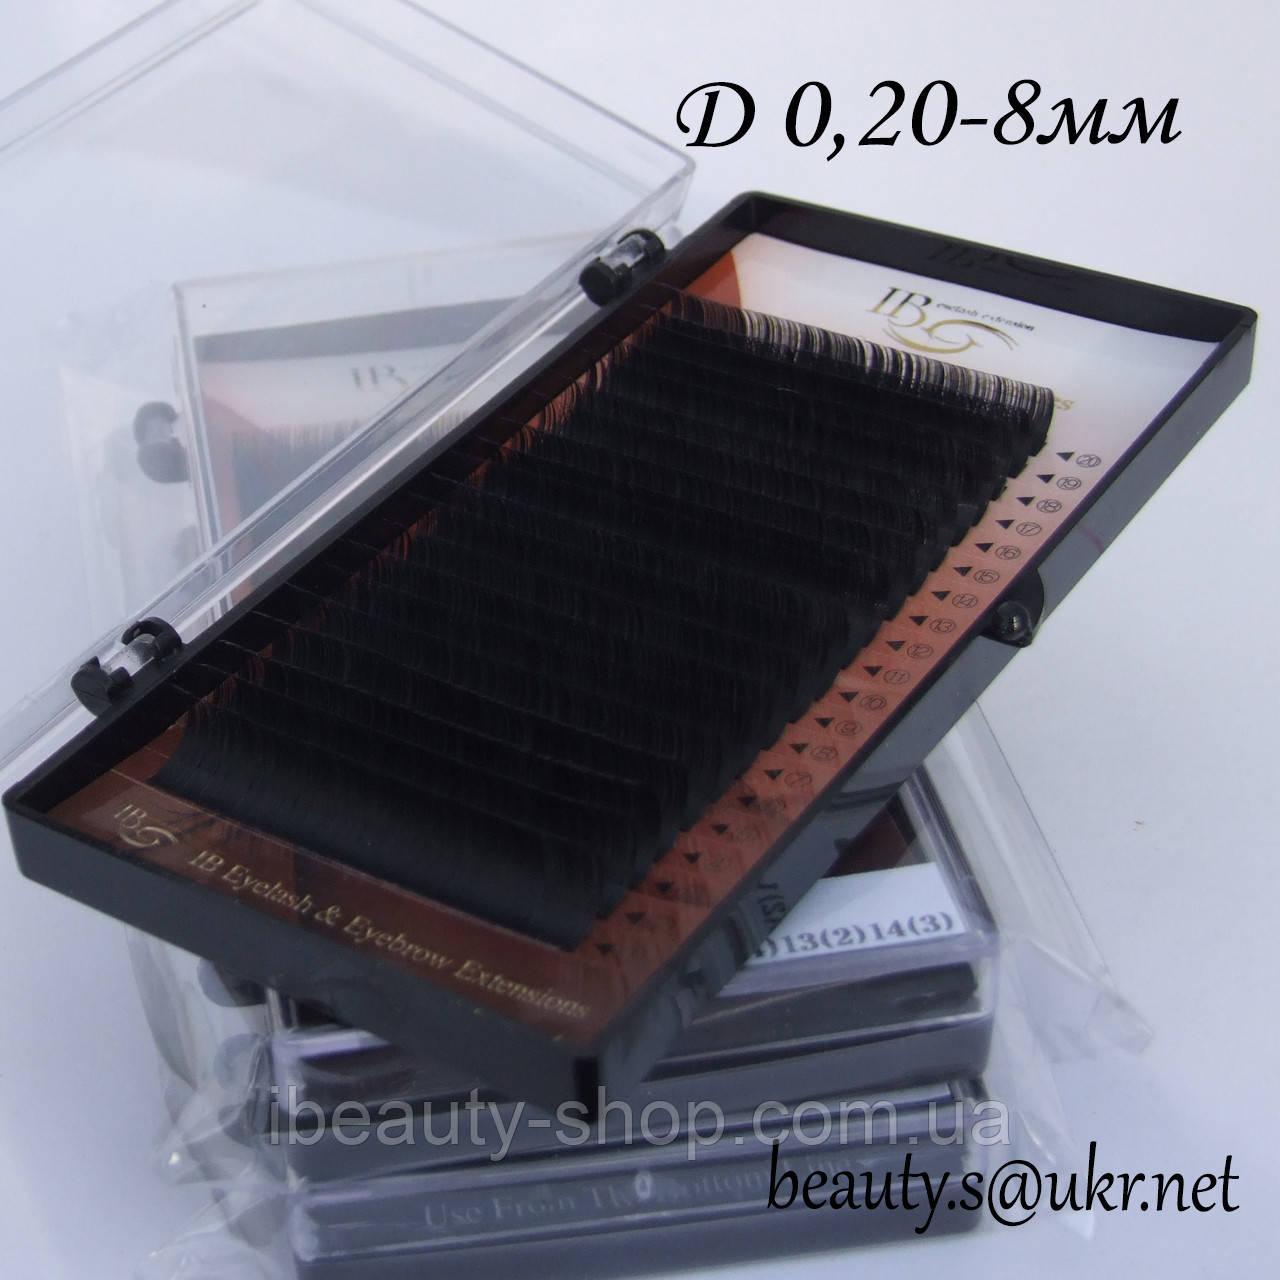 Ресницы  I-Beauty на ленте D-0,20 8мм